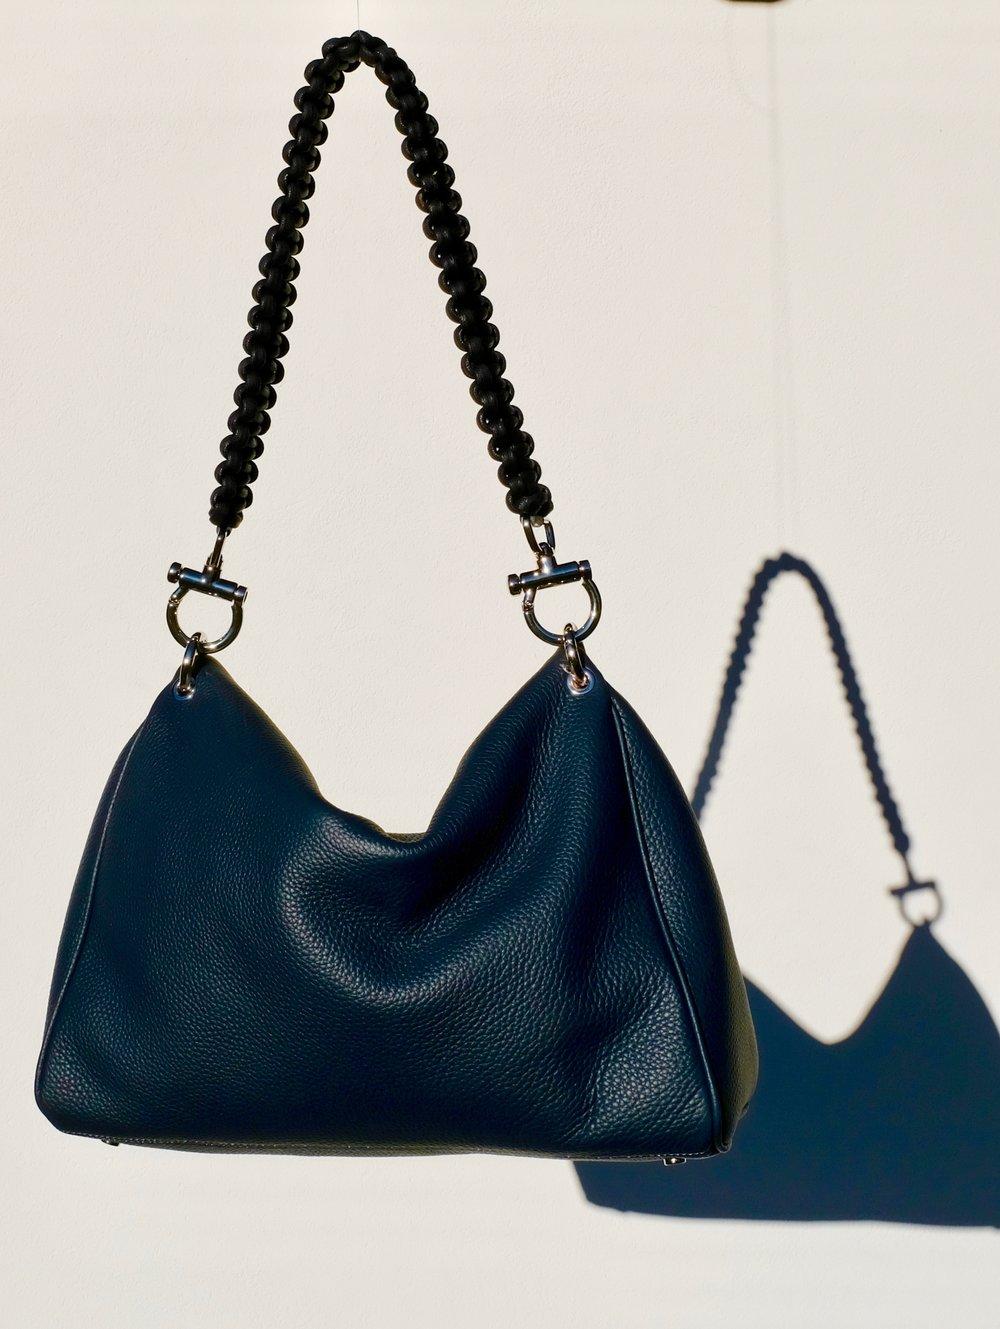 Naschbag Modell Pam Blog für Frauen über 50 BeFifty